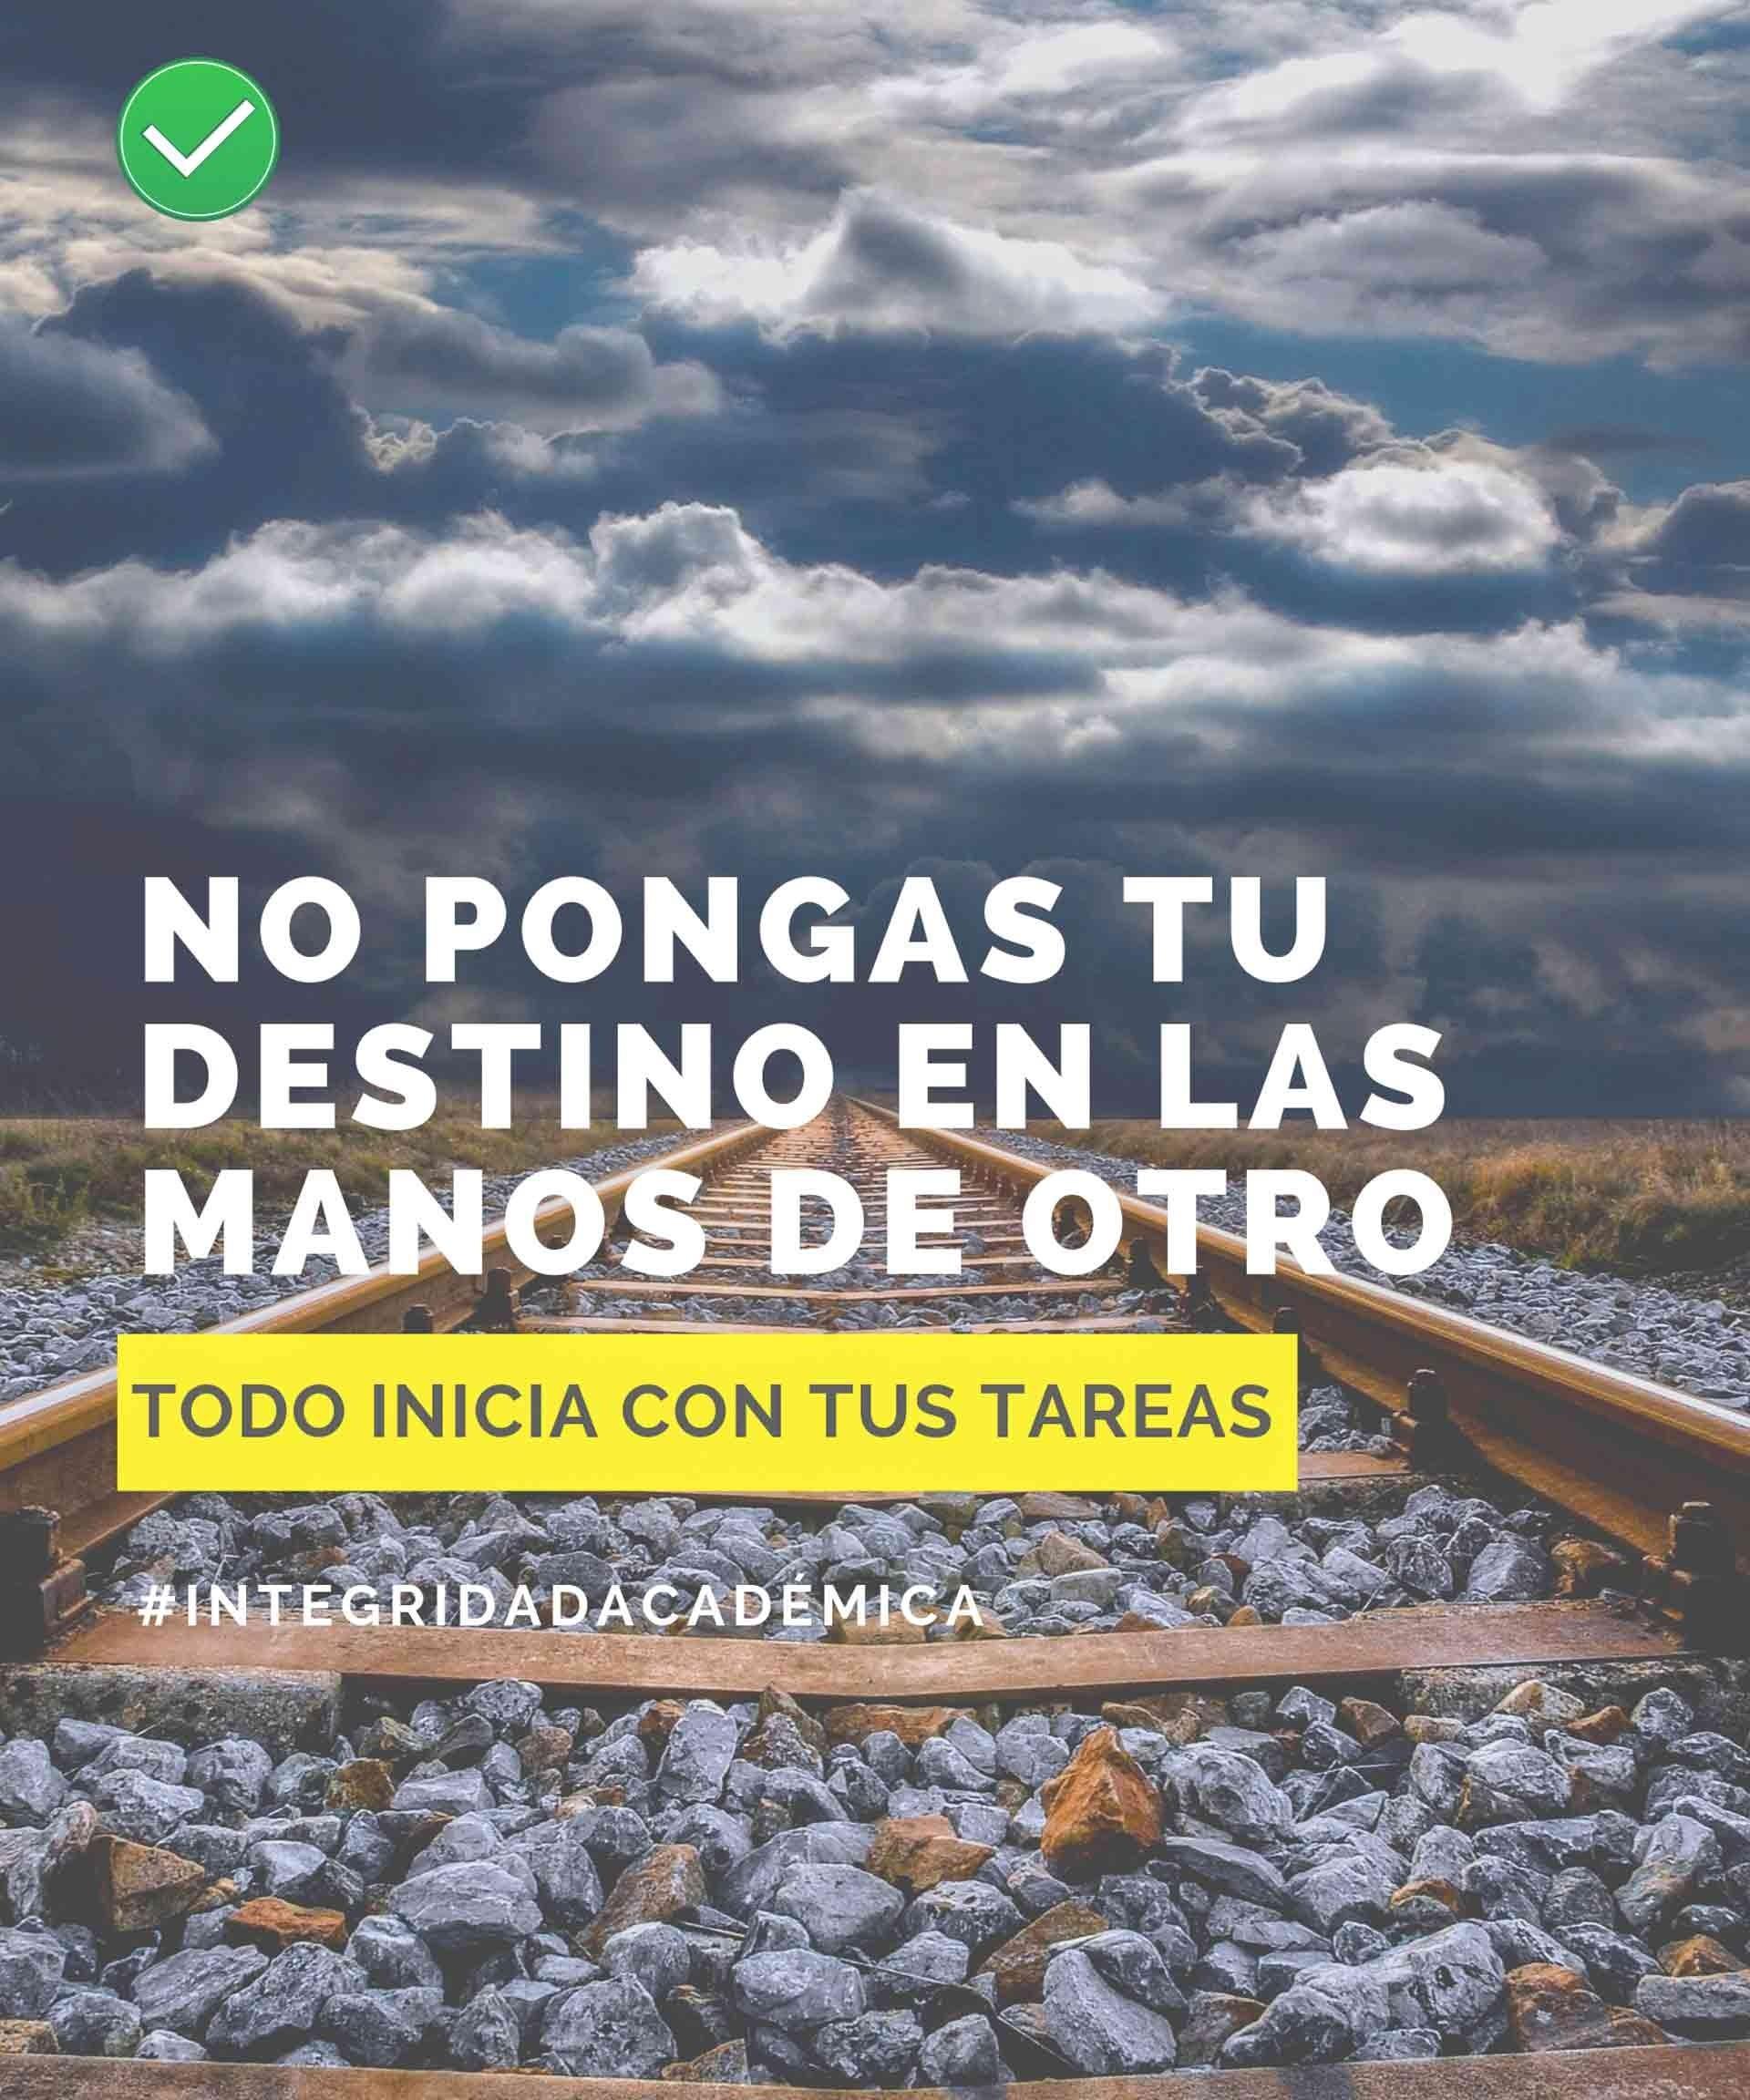 Carte No pongas tu destino en las manos de otro de la celebración contra el día mundial contra la compra venta de tareas del Programa de Integridad Académica del Tec de Monterrey